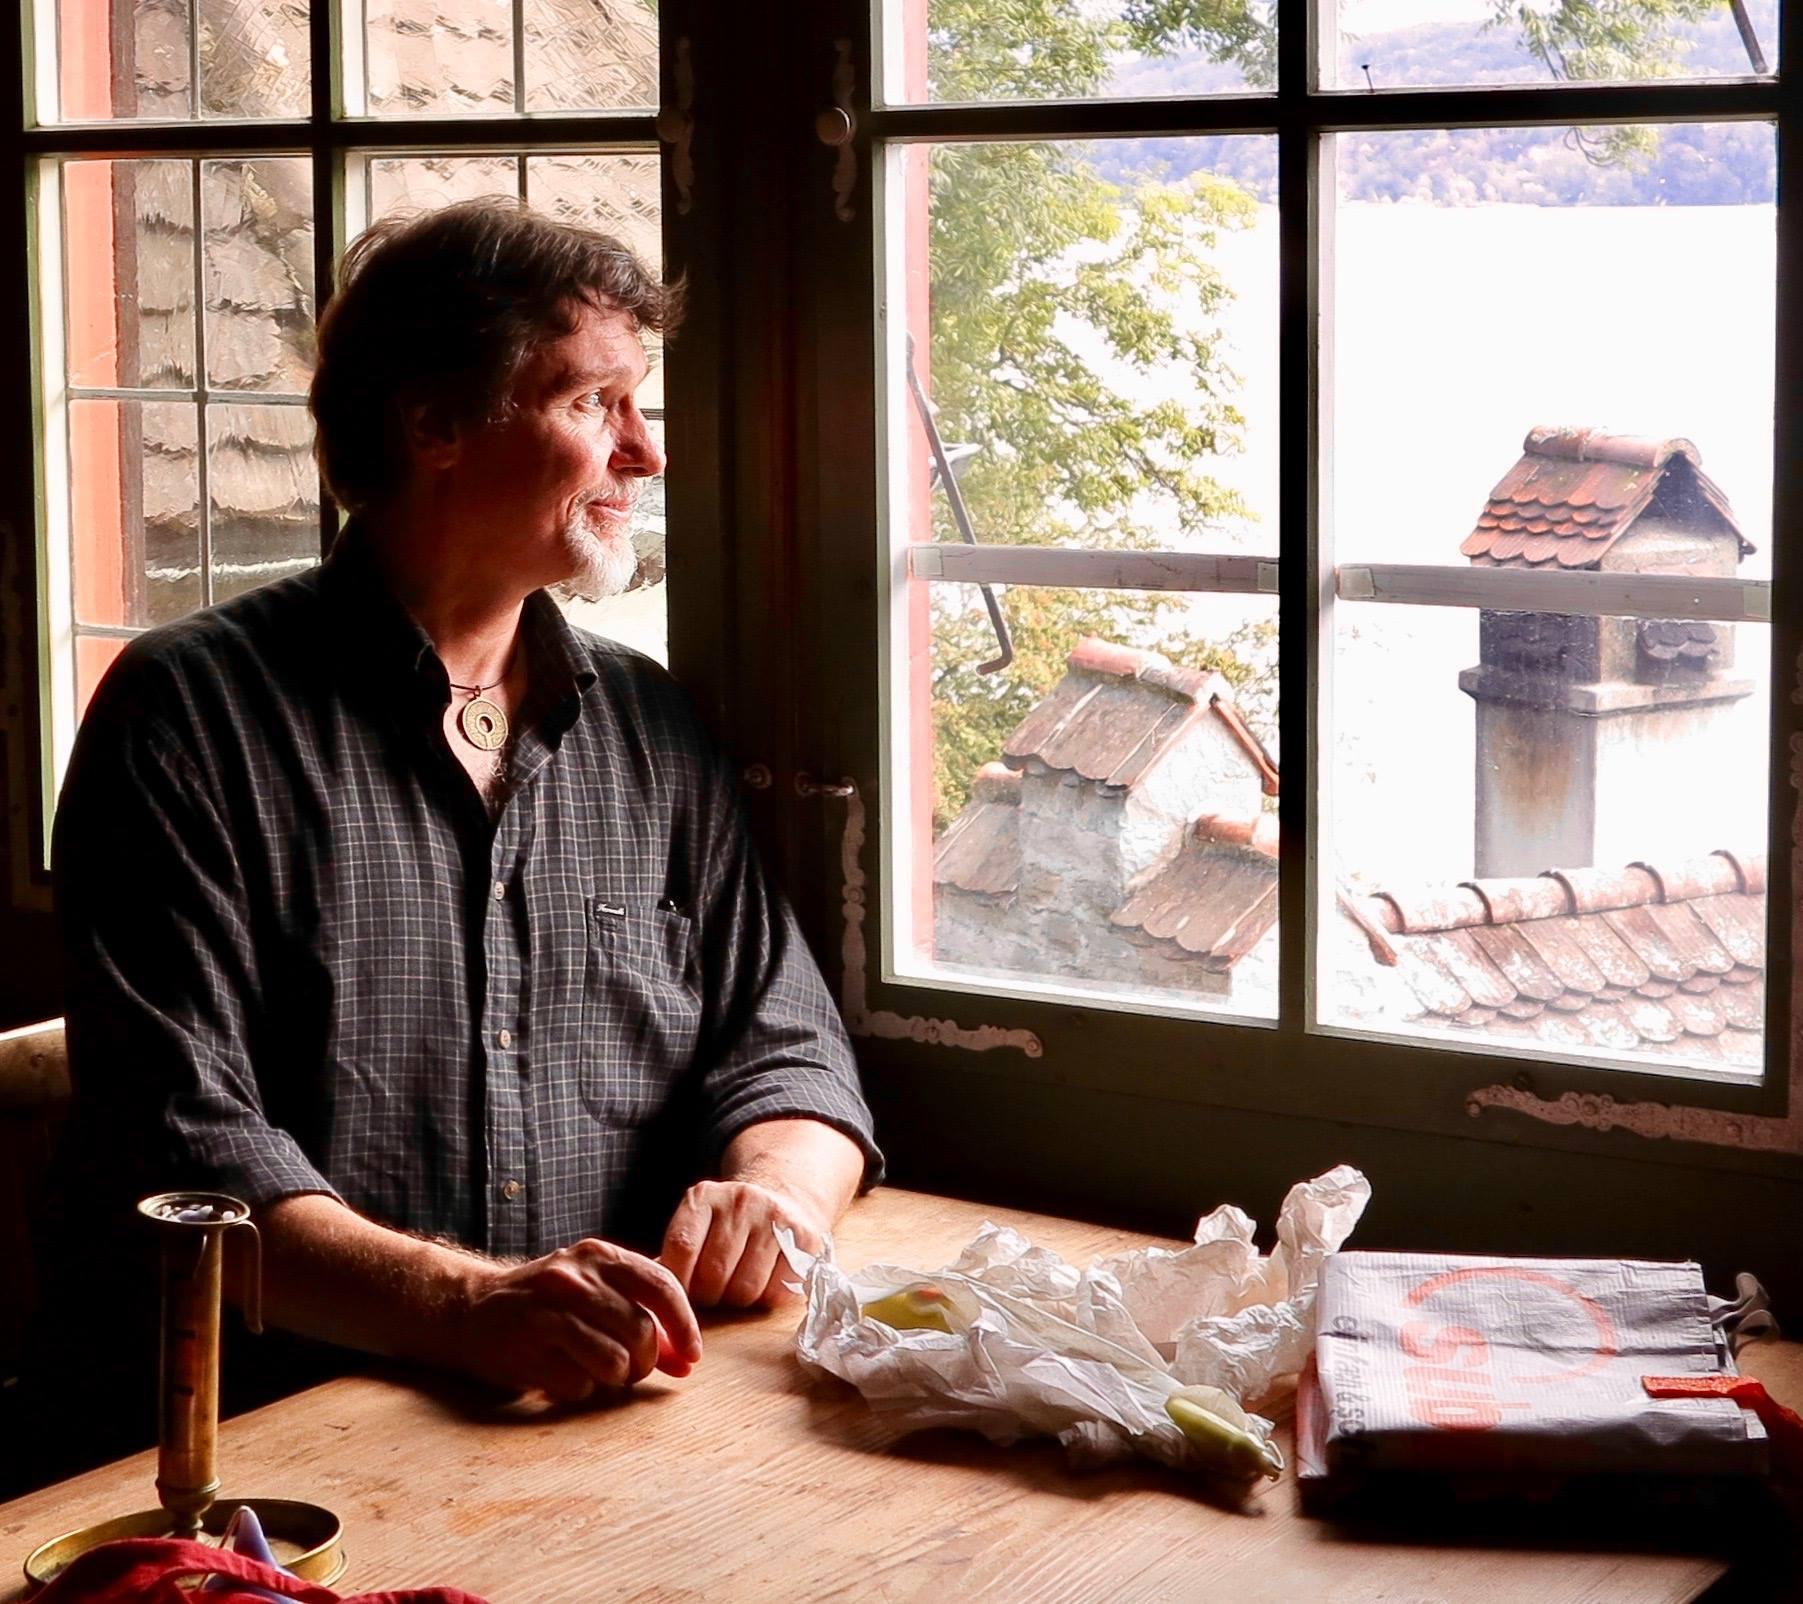 Kevin-window-Suisse